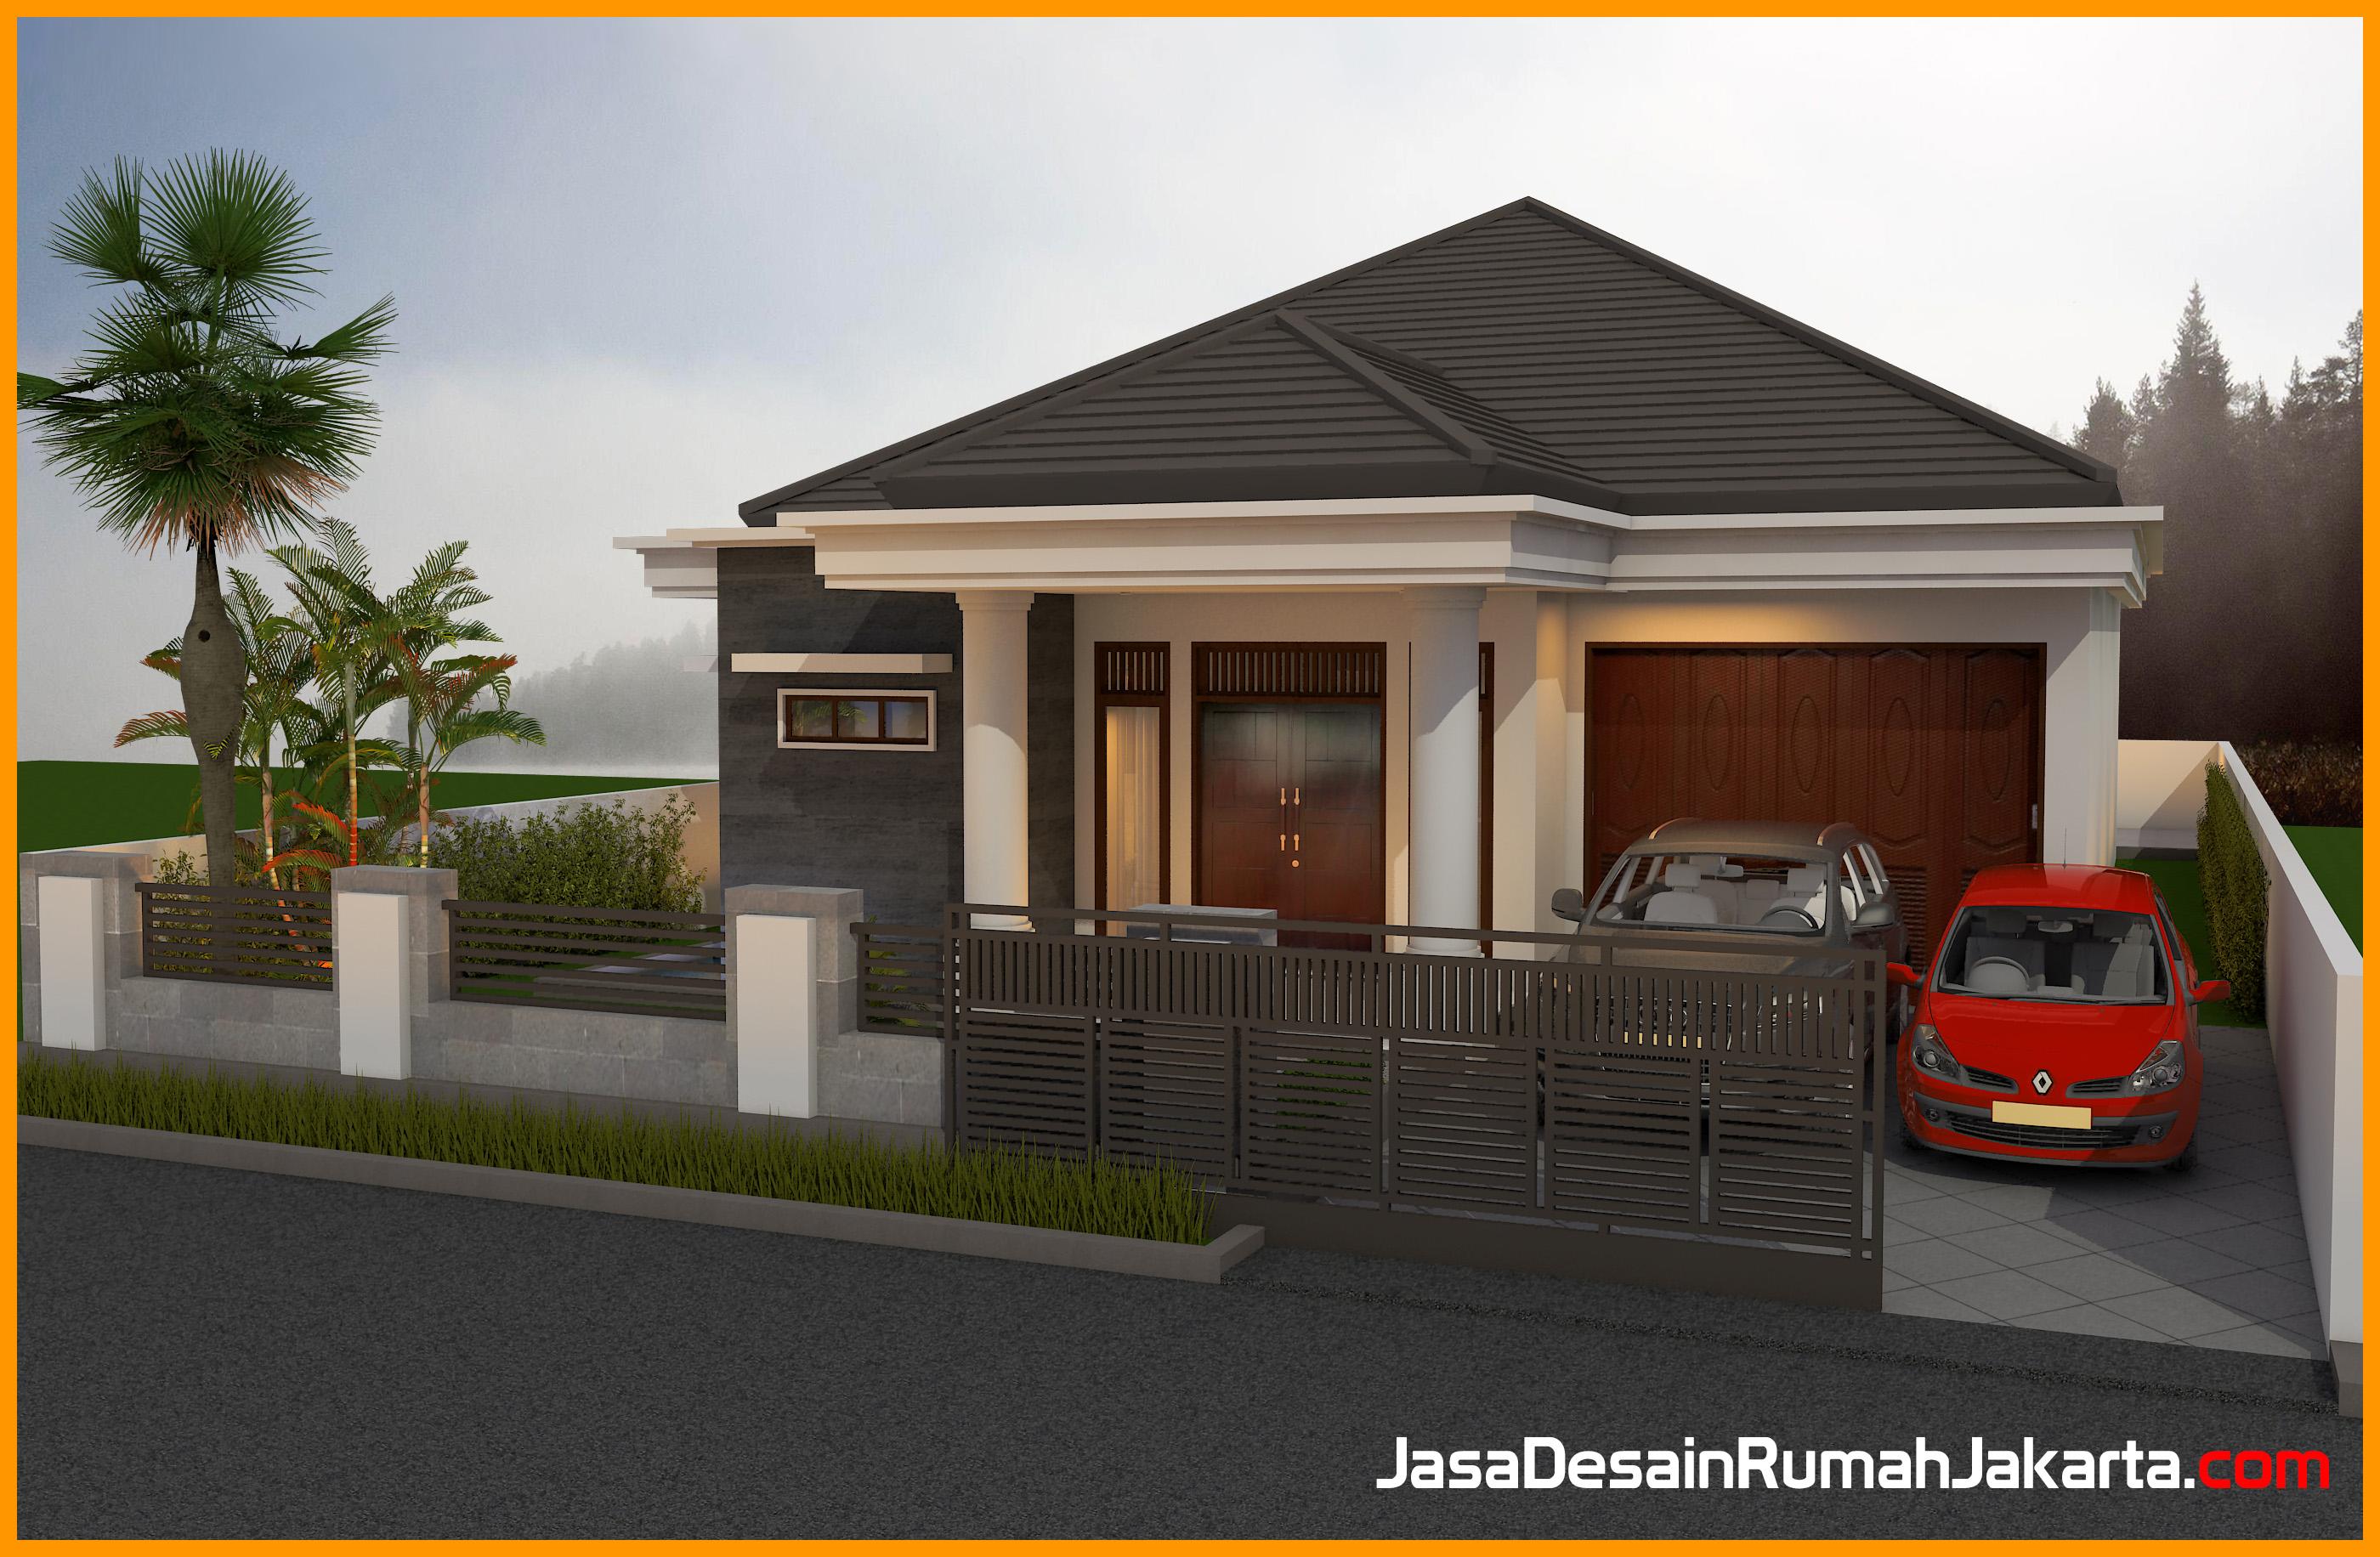 Model Desain  Rumah  Minimalis  Modern Jasa Desain  Rumah  Jakarta